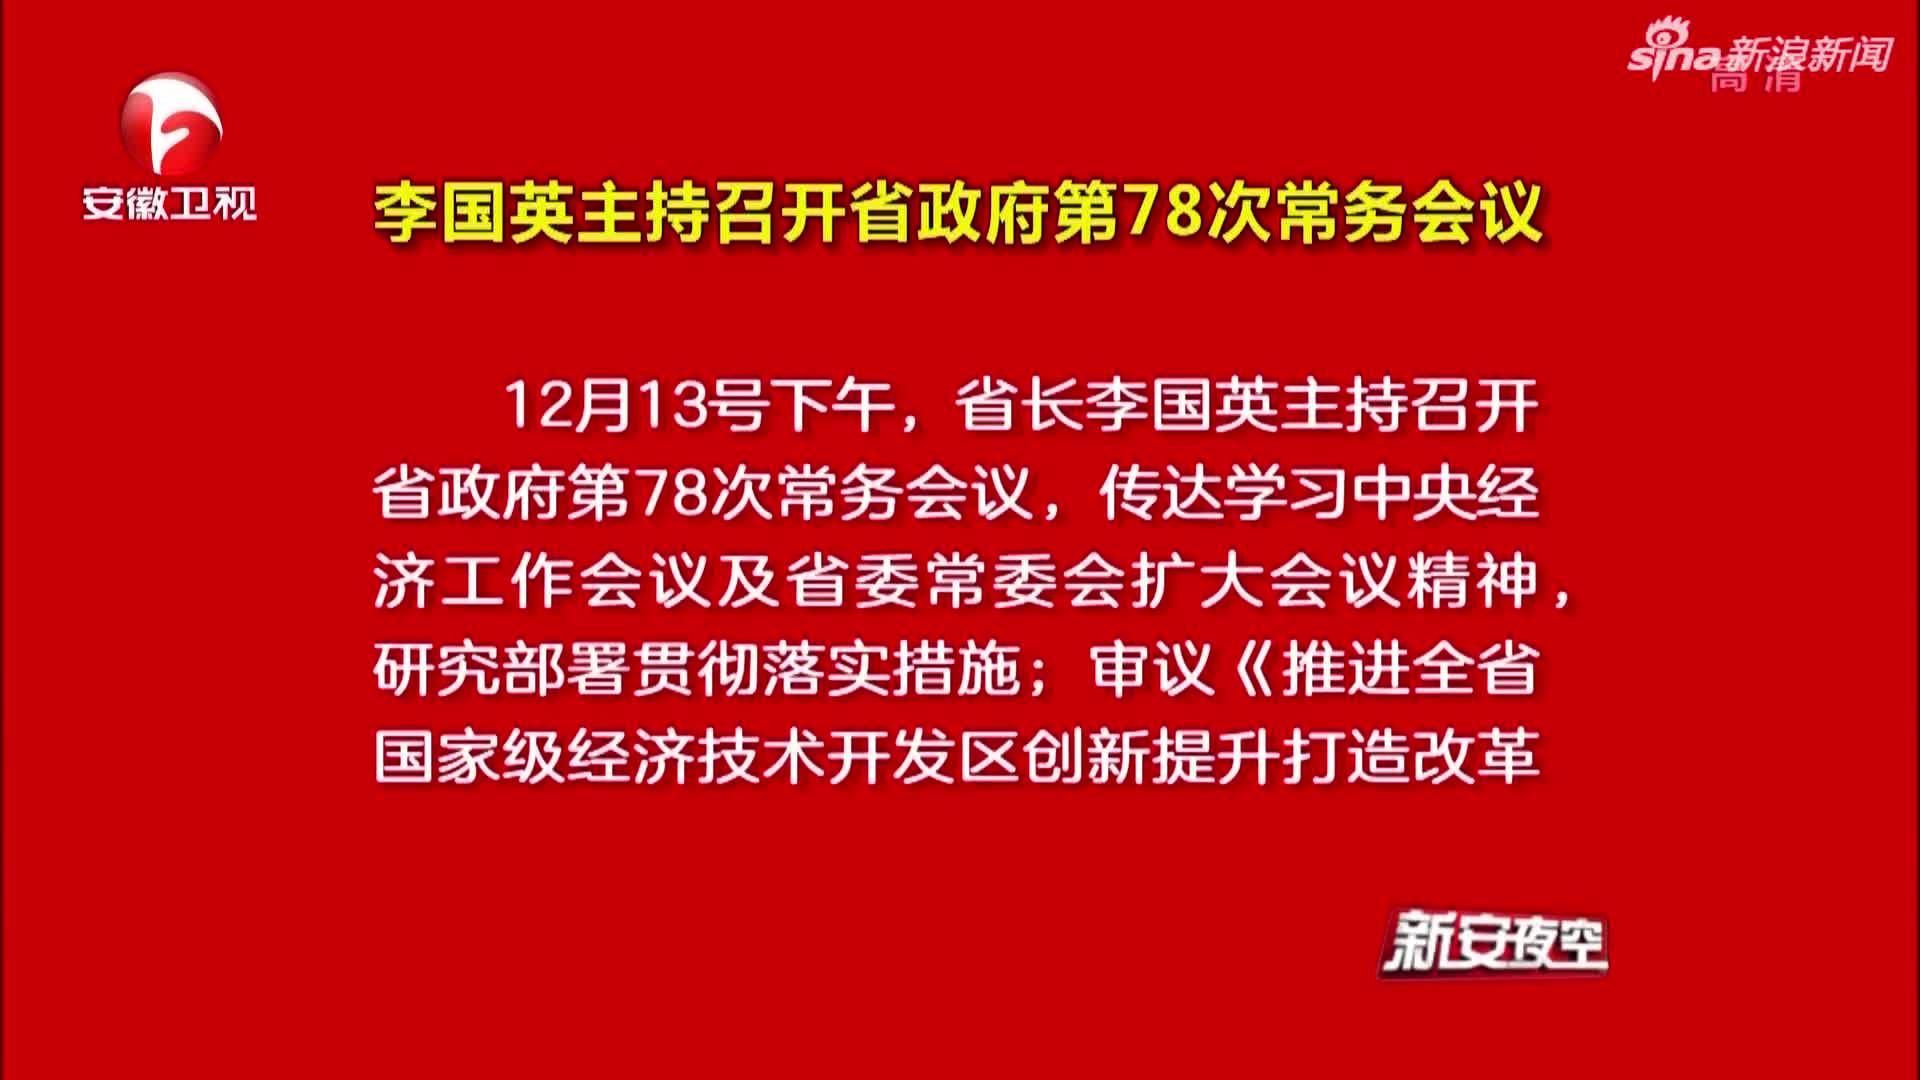 《新安夜空》李国英主持召开省政府第78次常务会议